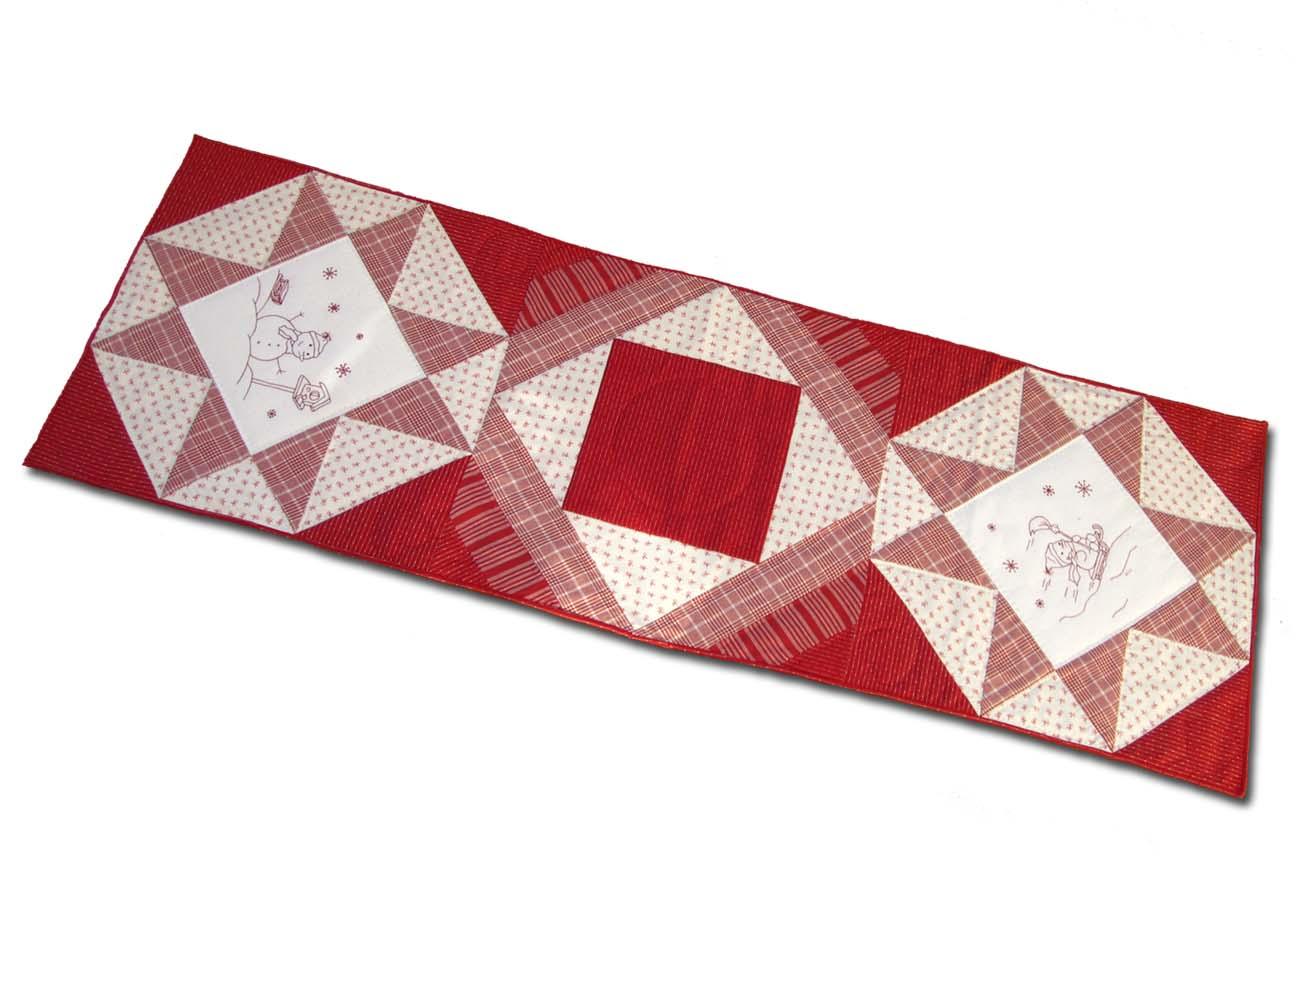 Solo patchwork camino de mesa en patchwork para navidad - Camino mesa patchwork ...